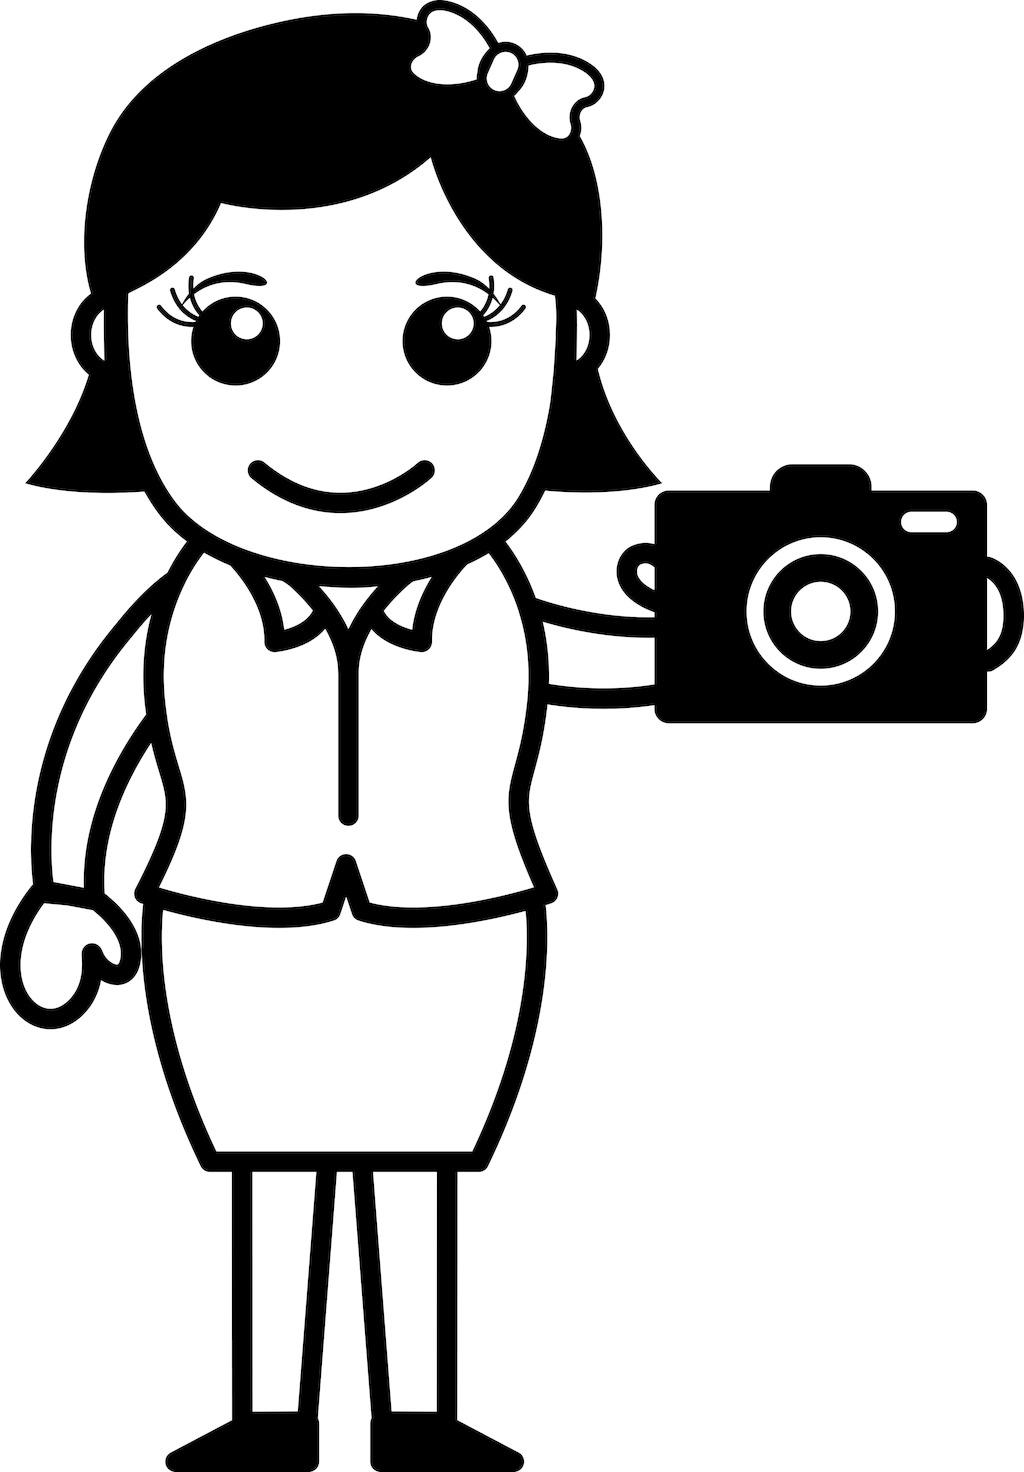 数码相机-办公人物插画矢量